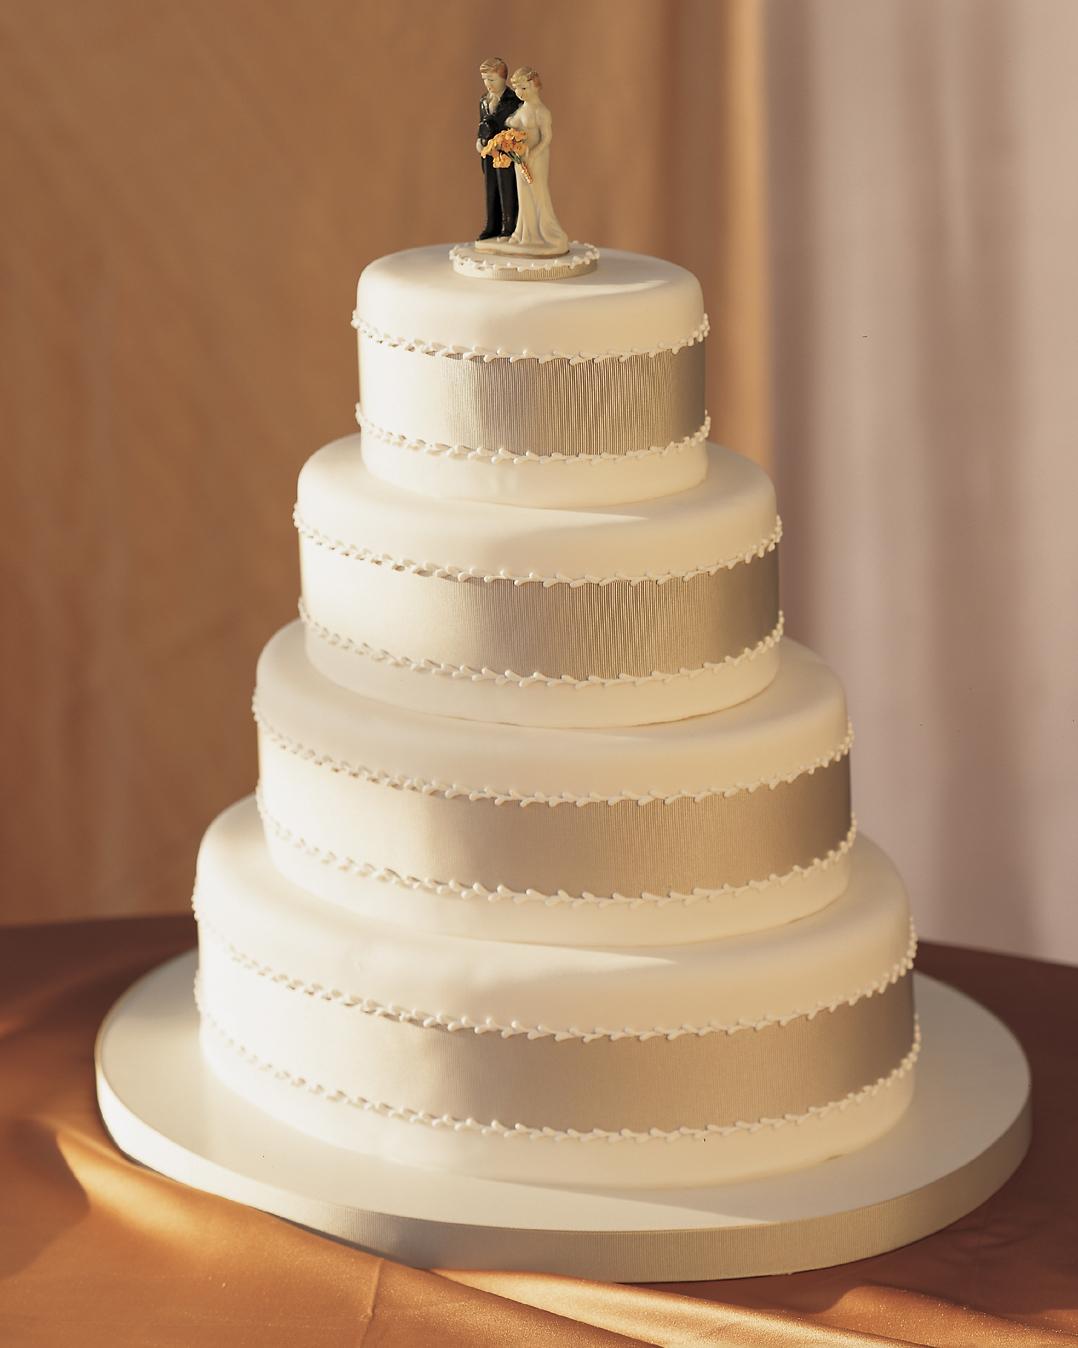 yellow-cake-sum00-mwa98246.jpg